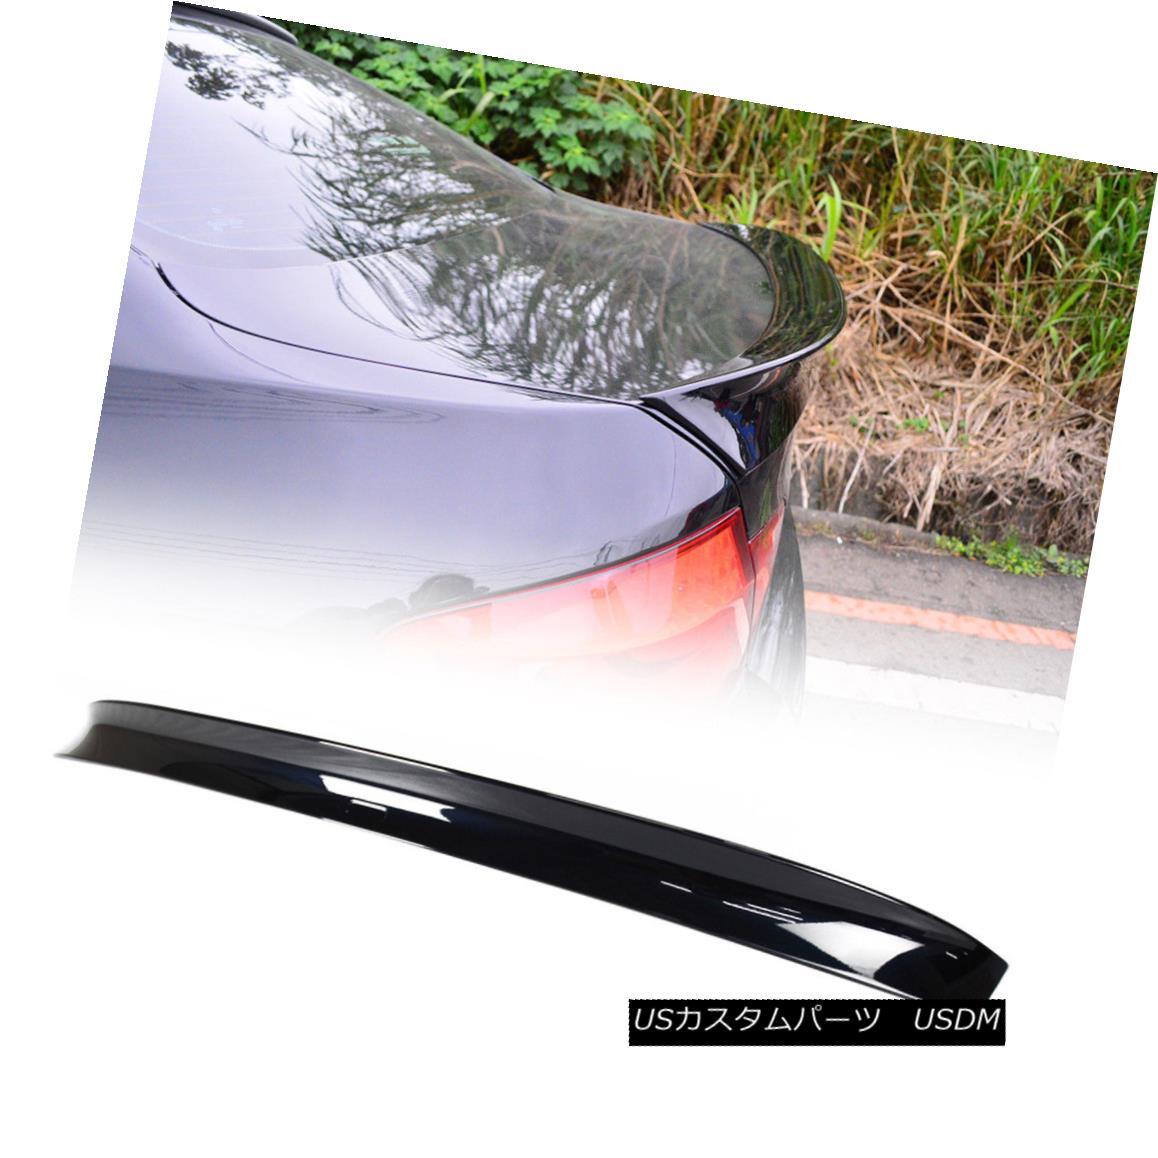 エアロパーツ For BMW F10 5-series A Style Rear Trunk Spoiler Wing ABS Painted Color #416 BMW F10 5シリーズAスタイルリアトランクスポイラーウィングABS塗装カラー#416